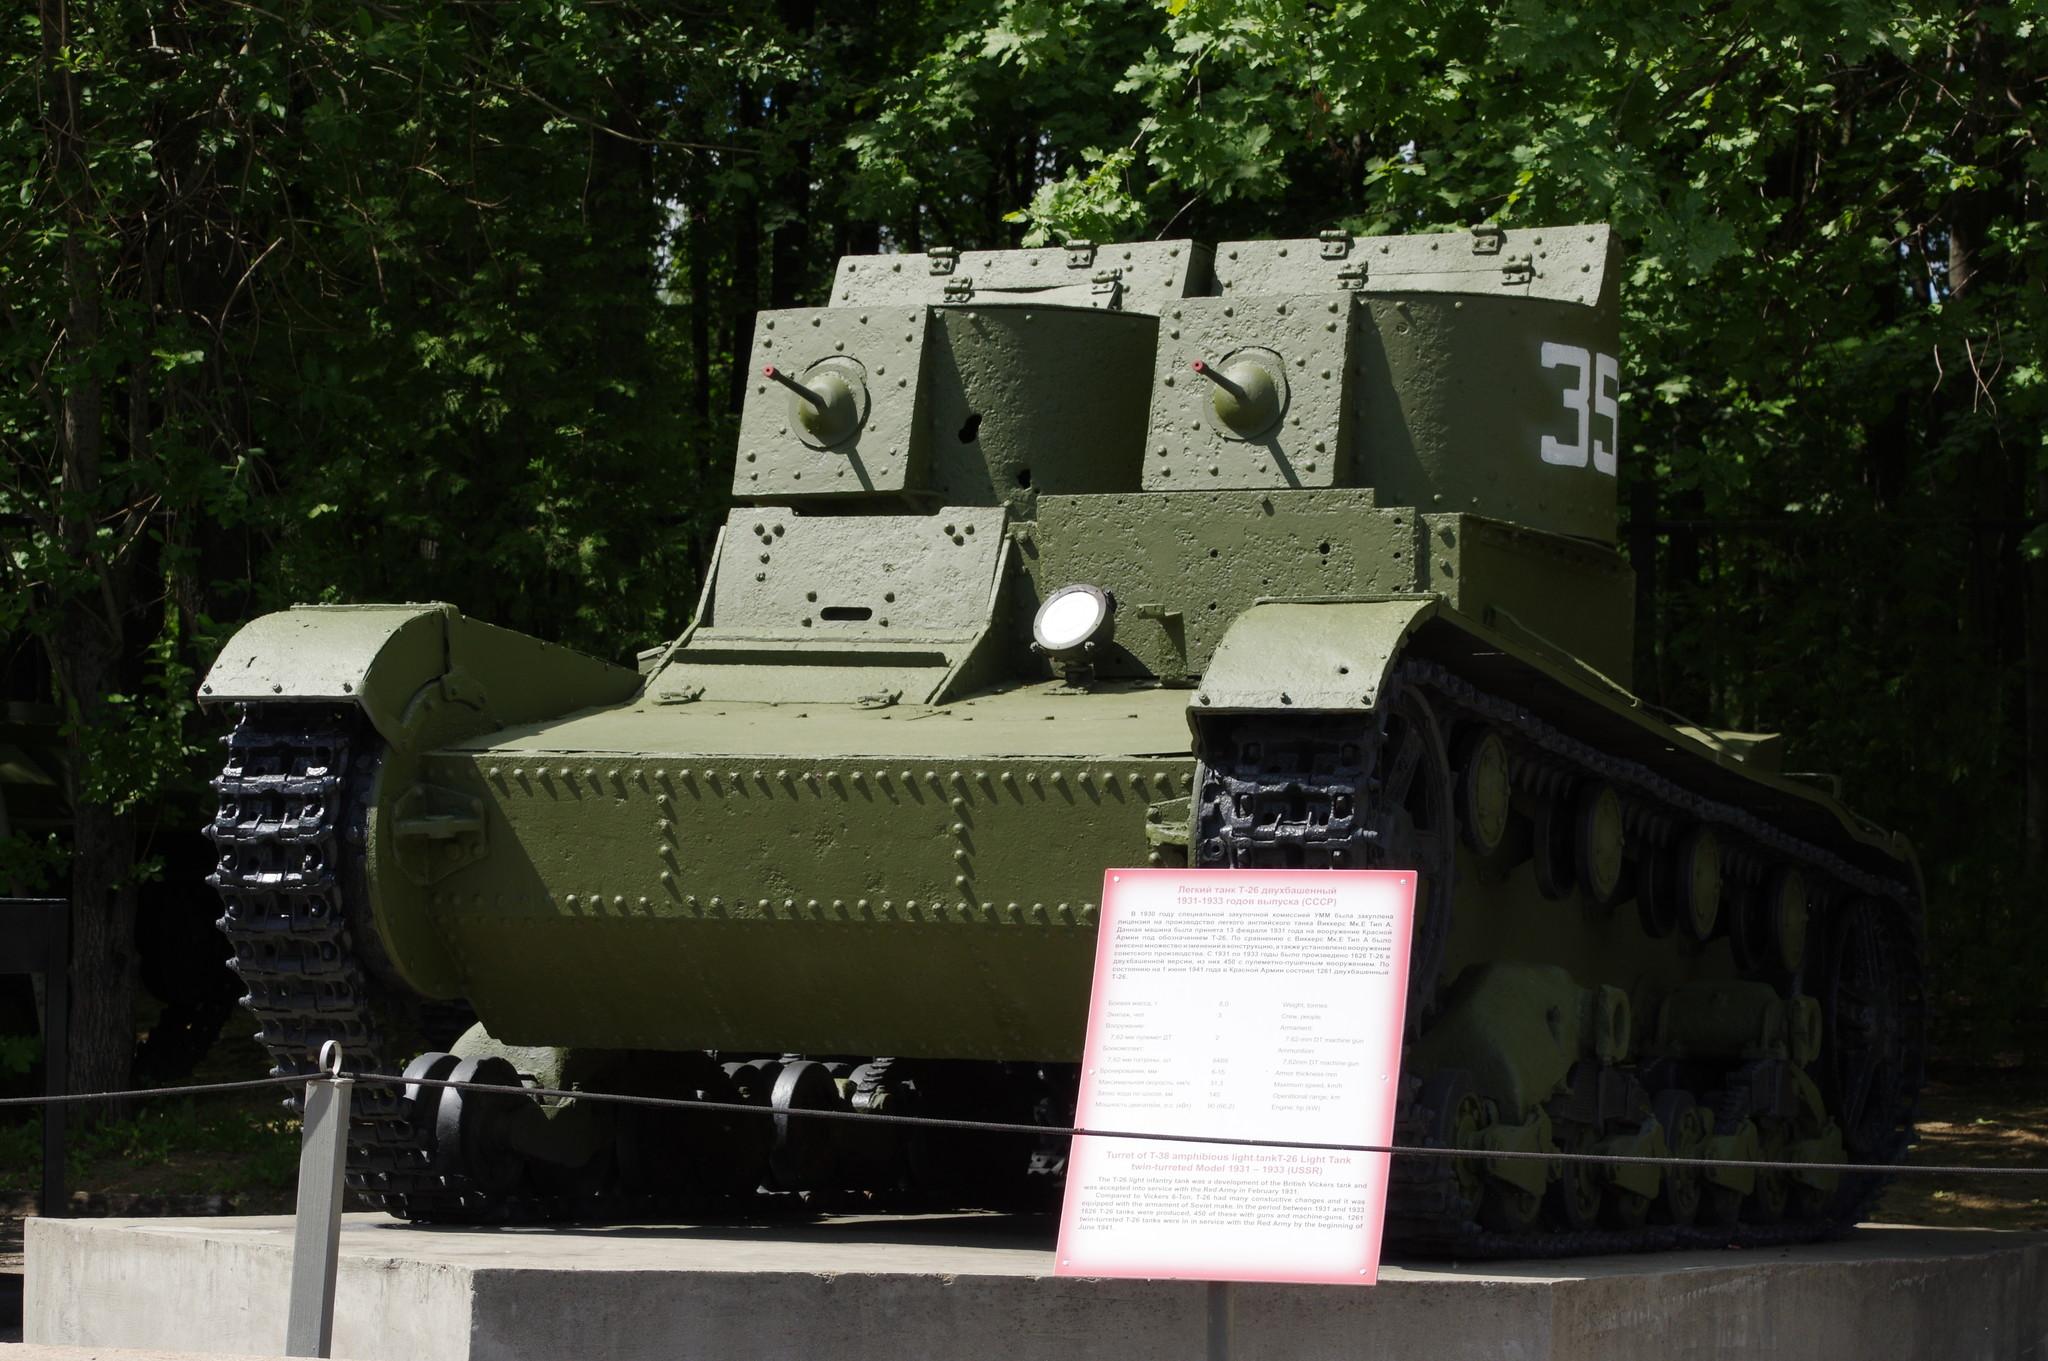 Лёгкий танк Т-26 двухбашенный 1931-1933 годов выпуска в Центральном музее Великой Отечественной войны 1941-1945 гг.